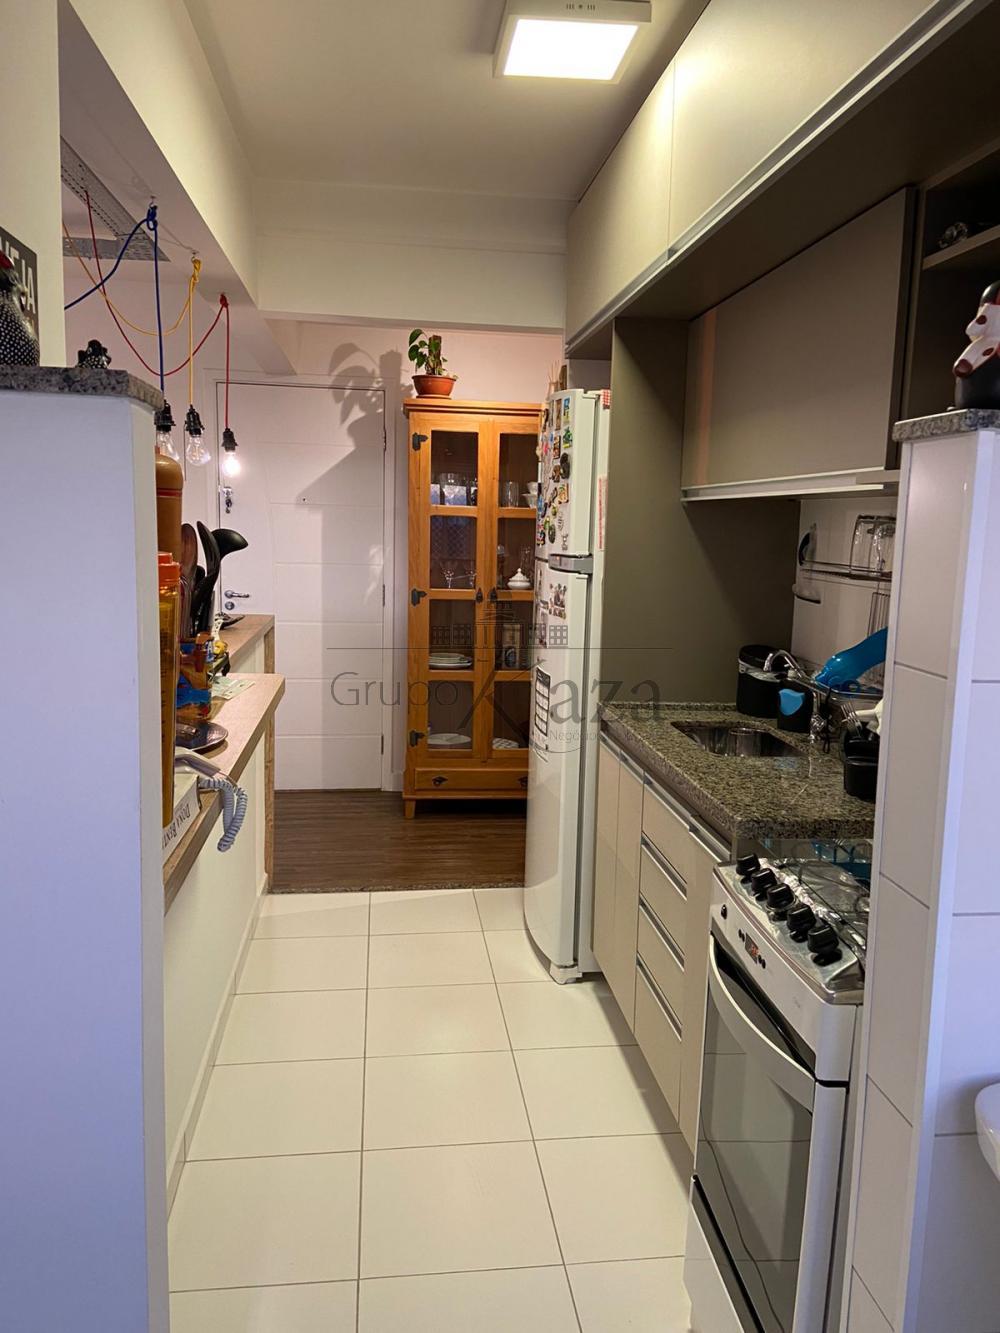 alt='Alugar Apartamento / Padrão em São José dos Campos R$ 2.200,00 - Foto 10' title='Alugar Apartamento / Padrão em São José dos Campos R$ 2.200,00 - Foto 10'